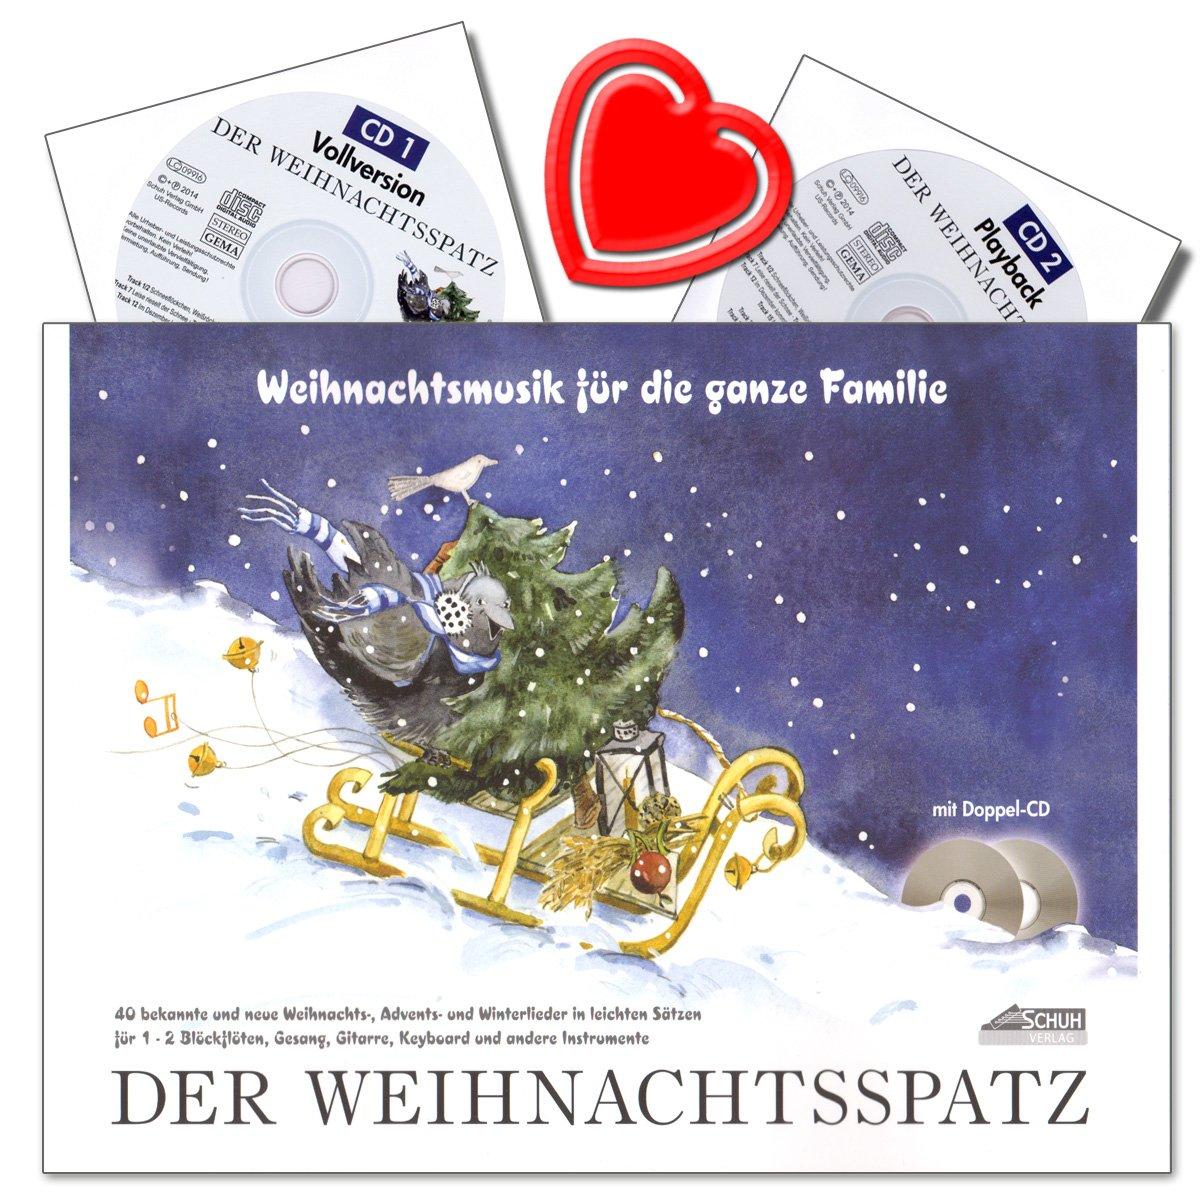 Der Weihnachtsspatz - Autor Karin Schuh - Winter-, Advents- und ...